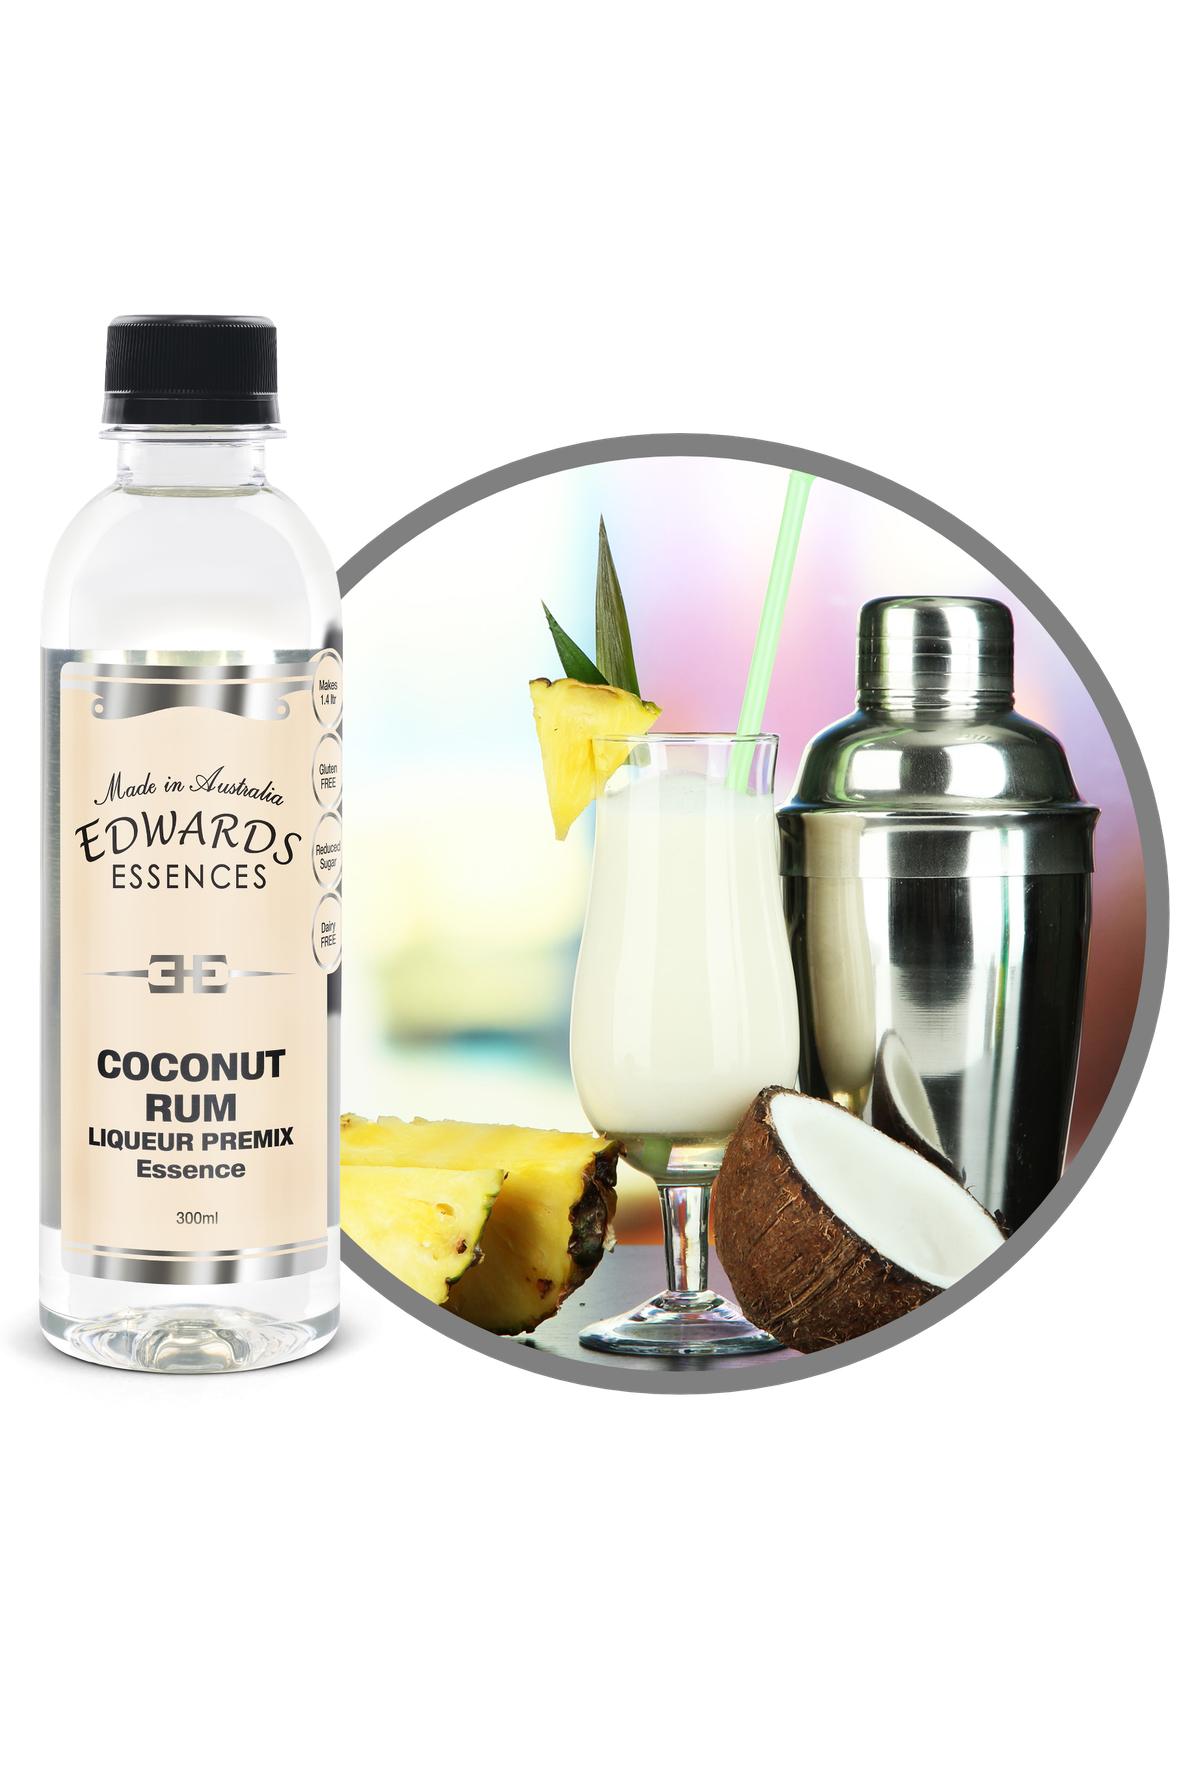 Coconut Rum Premix